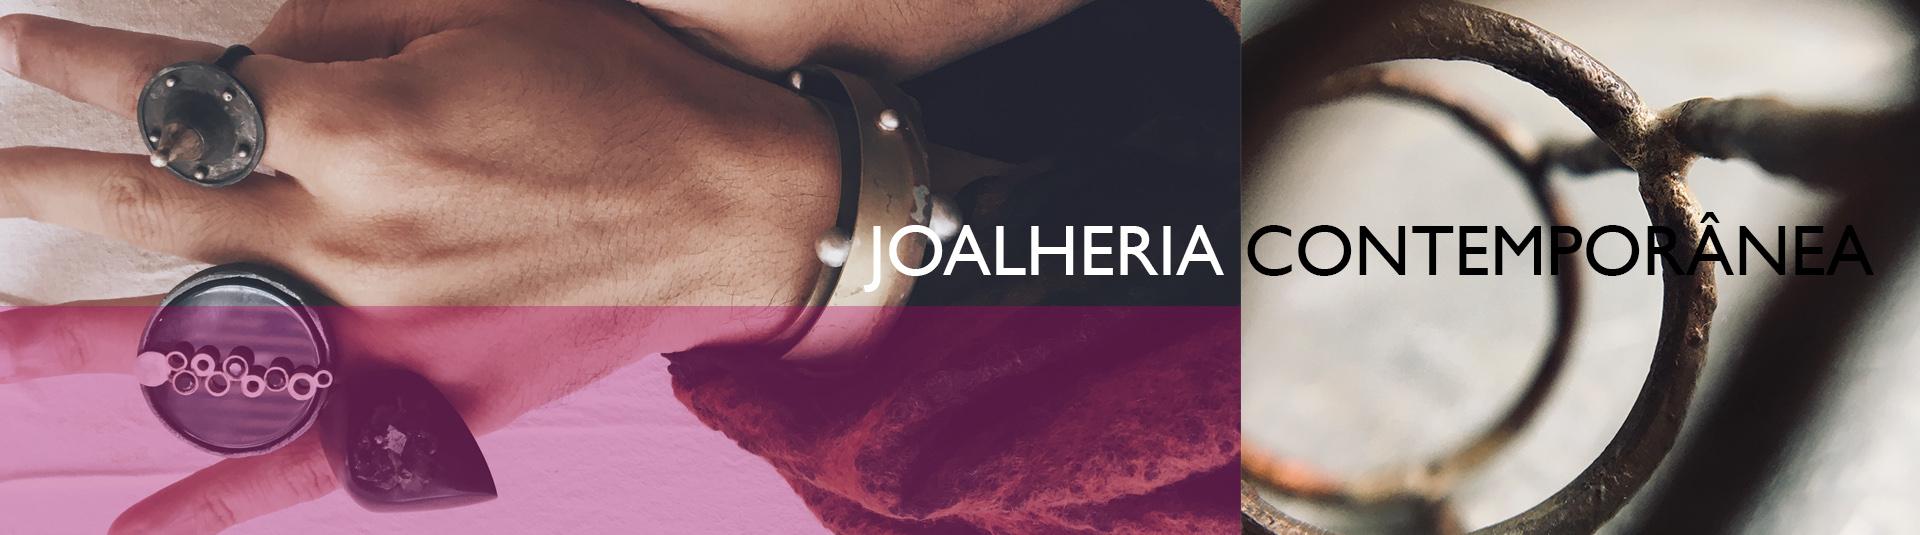 JOALHERIA CONTEM